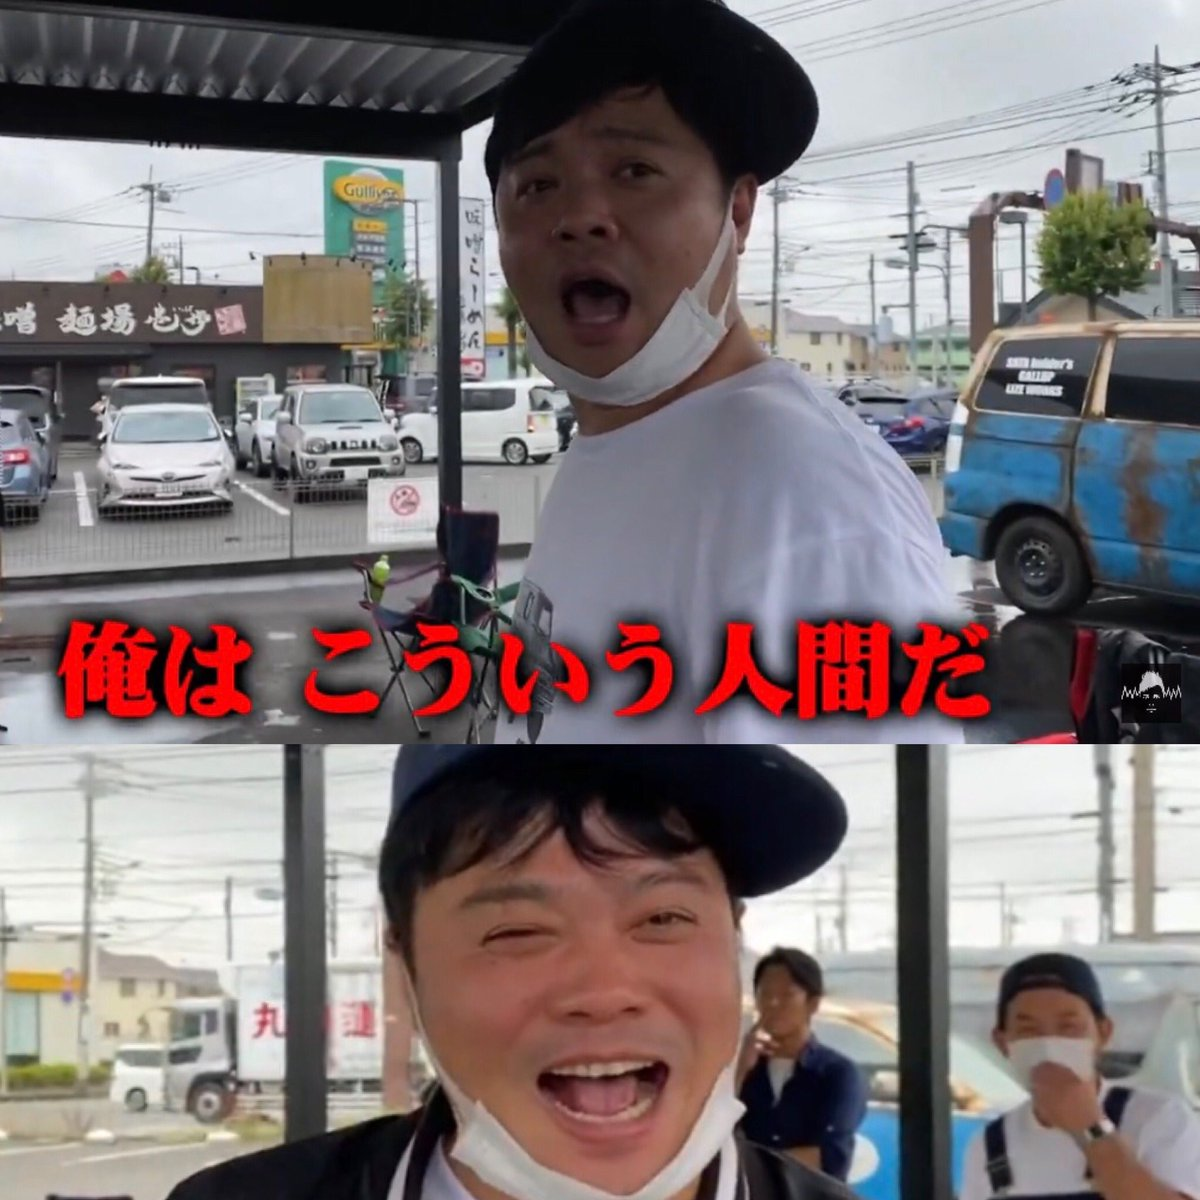 作田 バッド ボーイズ